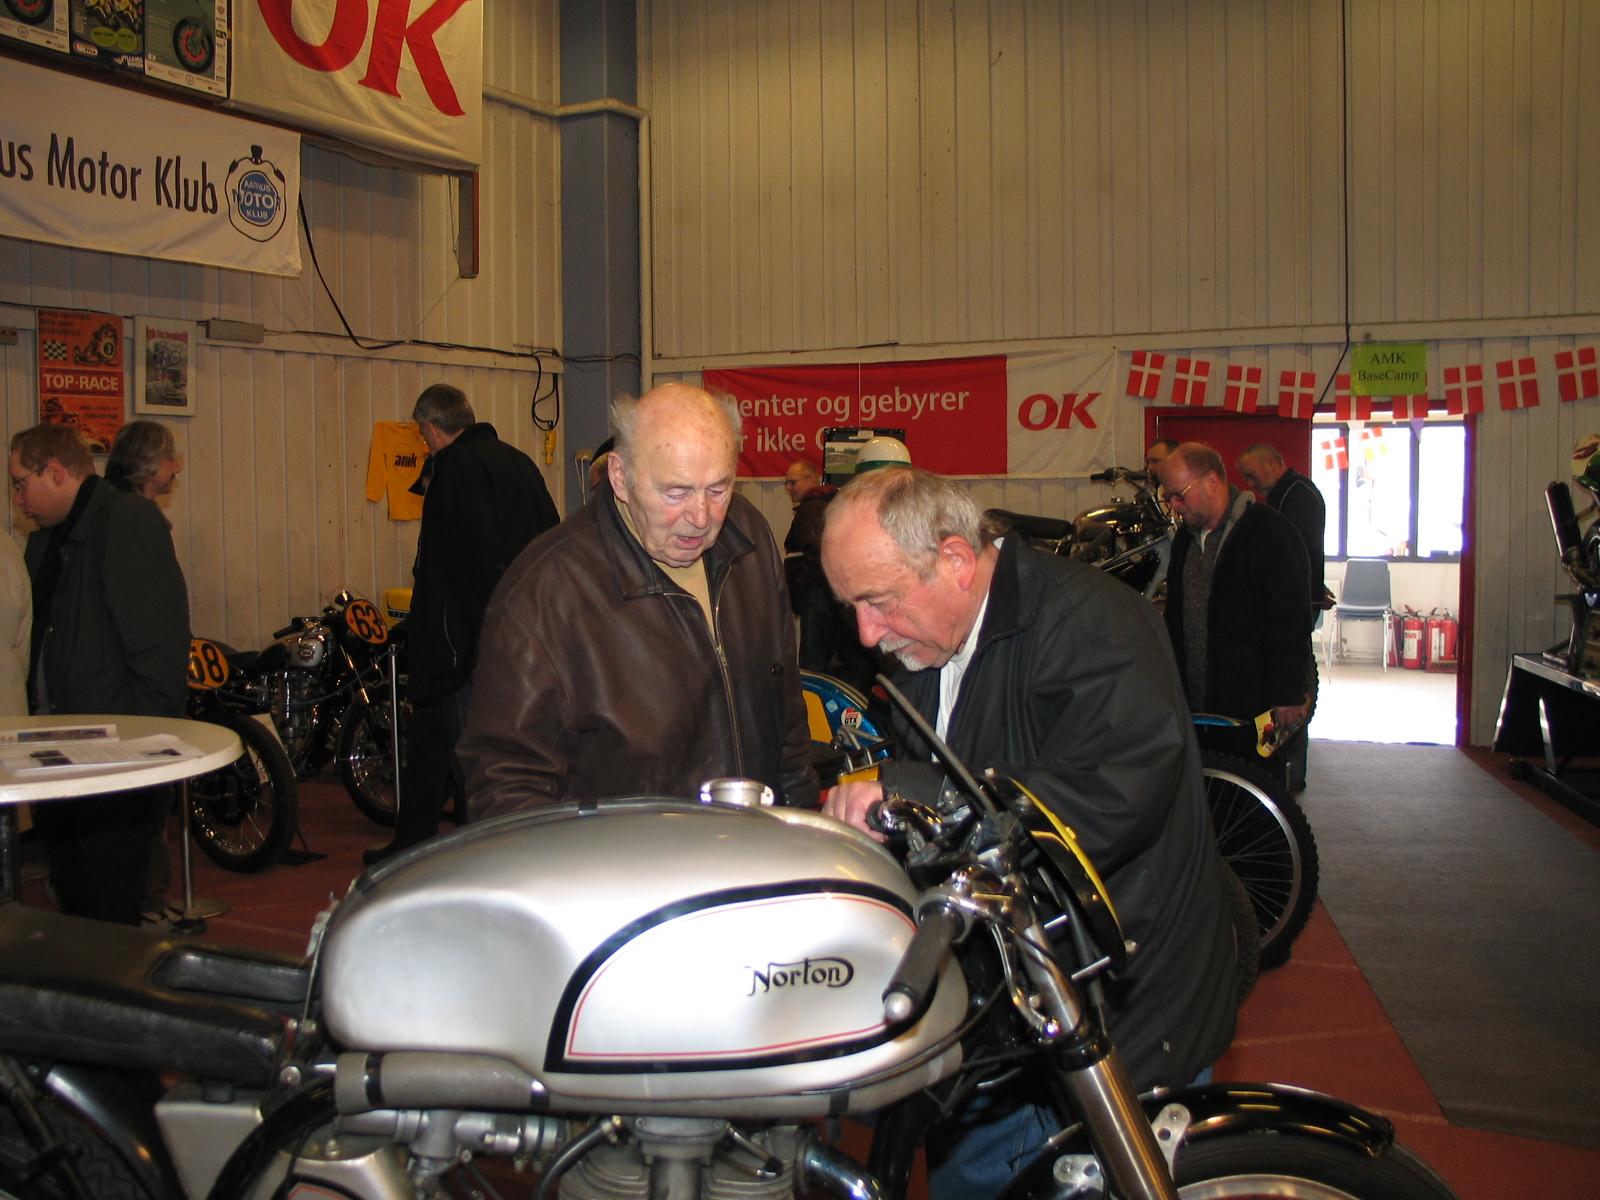 Knud Nielsen og Erik Schou kigger på Manx detaljer. Erik Schou gennemførte 40 veteranløb Skagen-København på samme cykel, hans trofaste AJS.